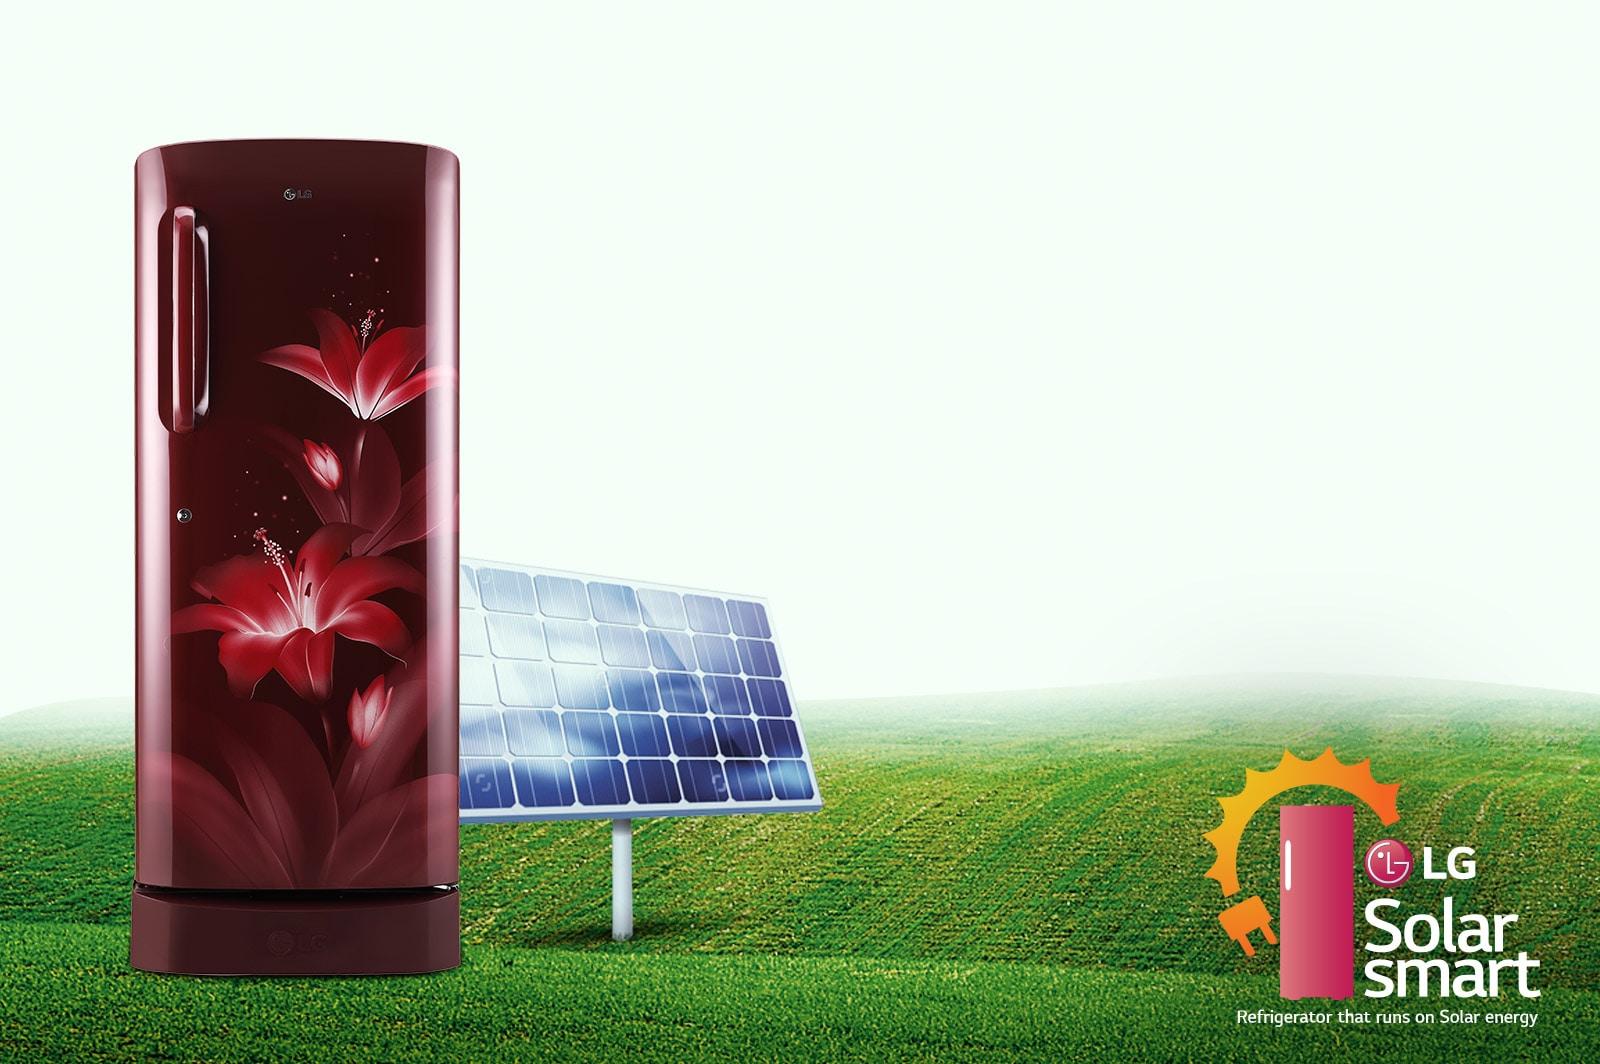 LG  GL-D241ASCY 235 ltr solar smart